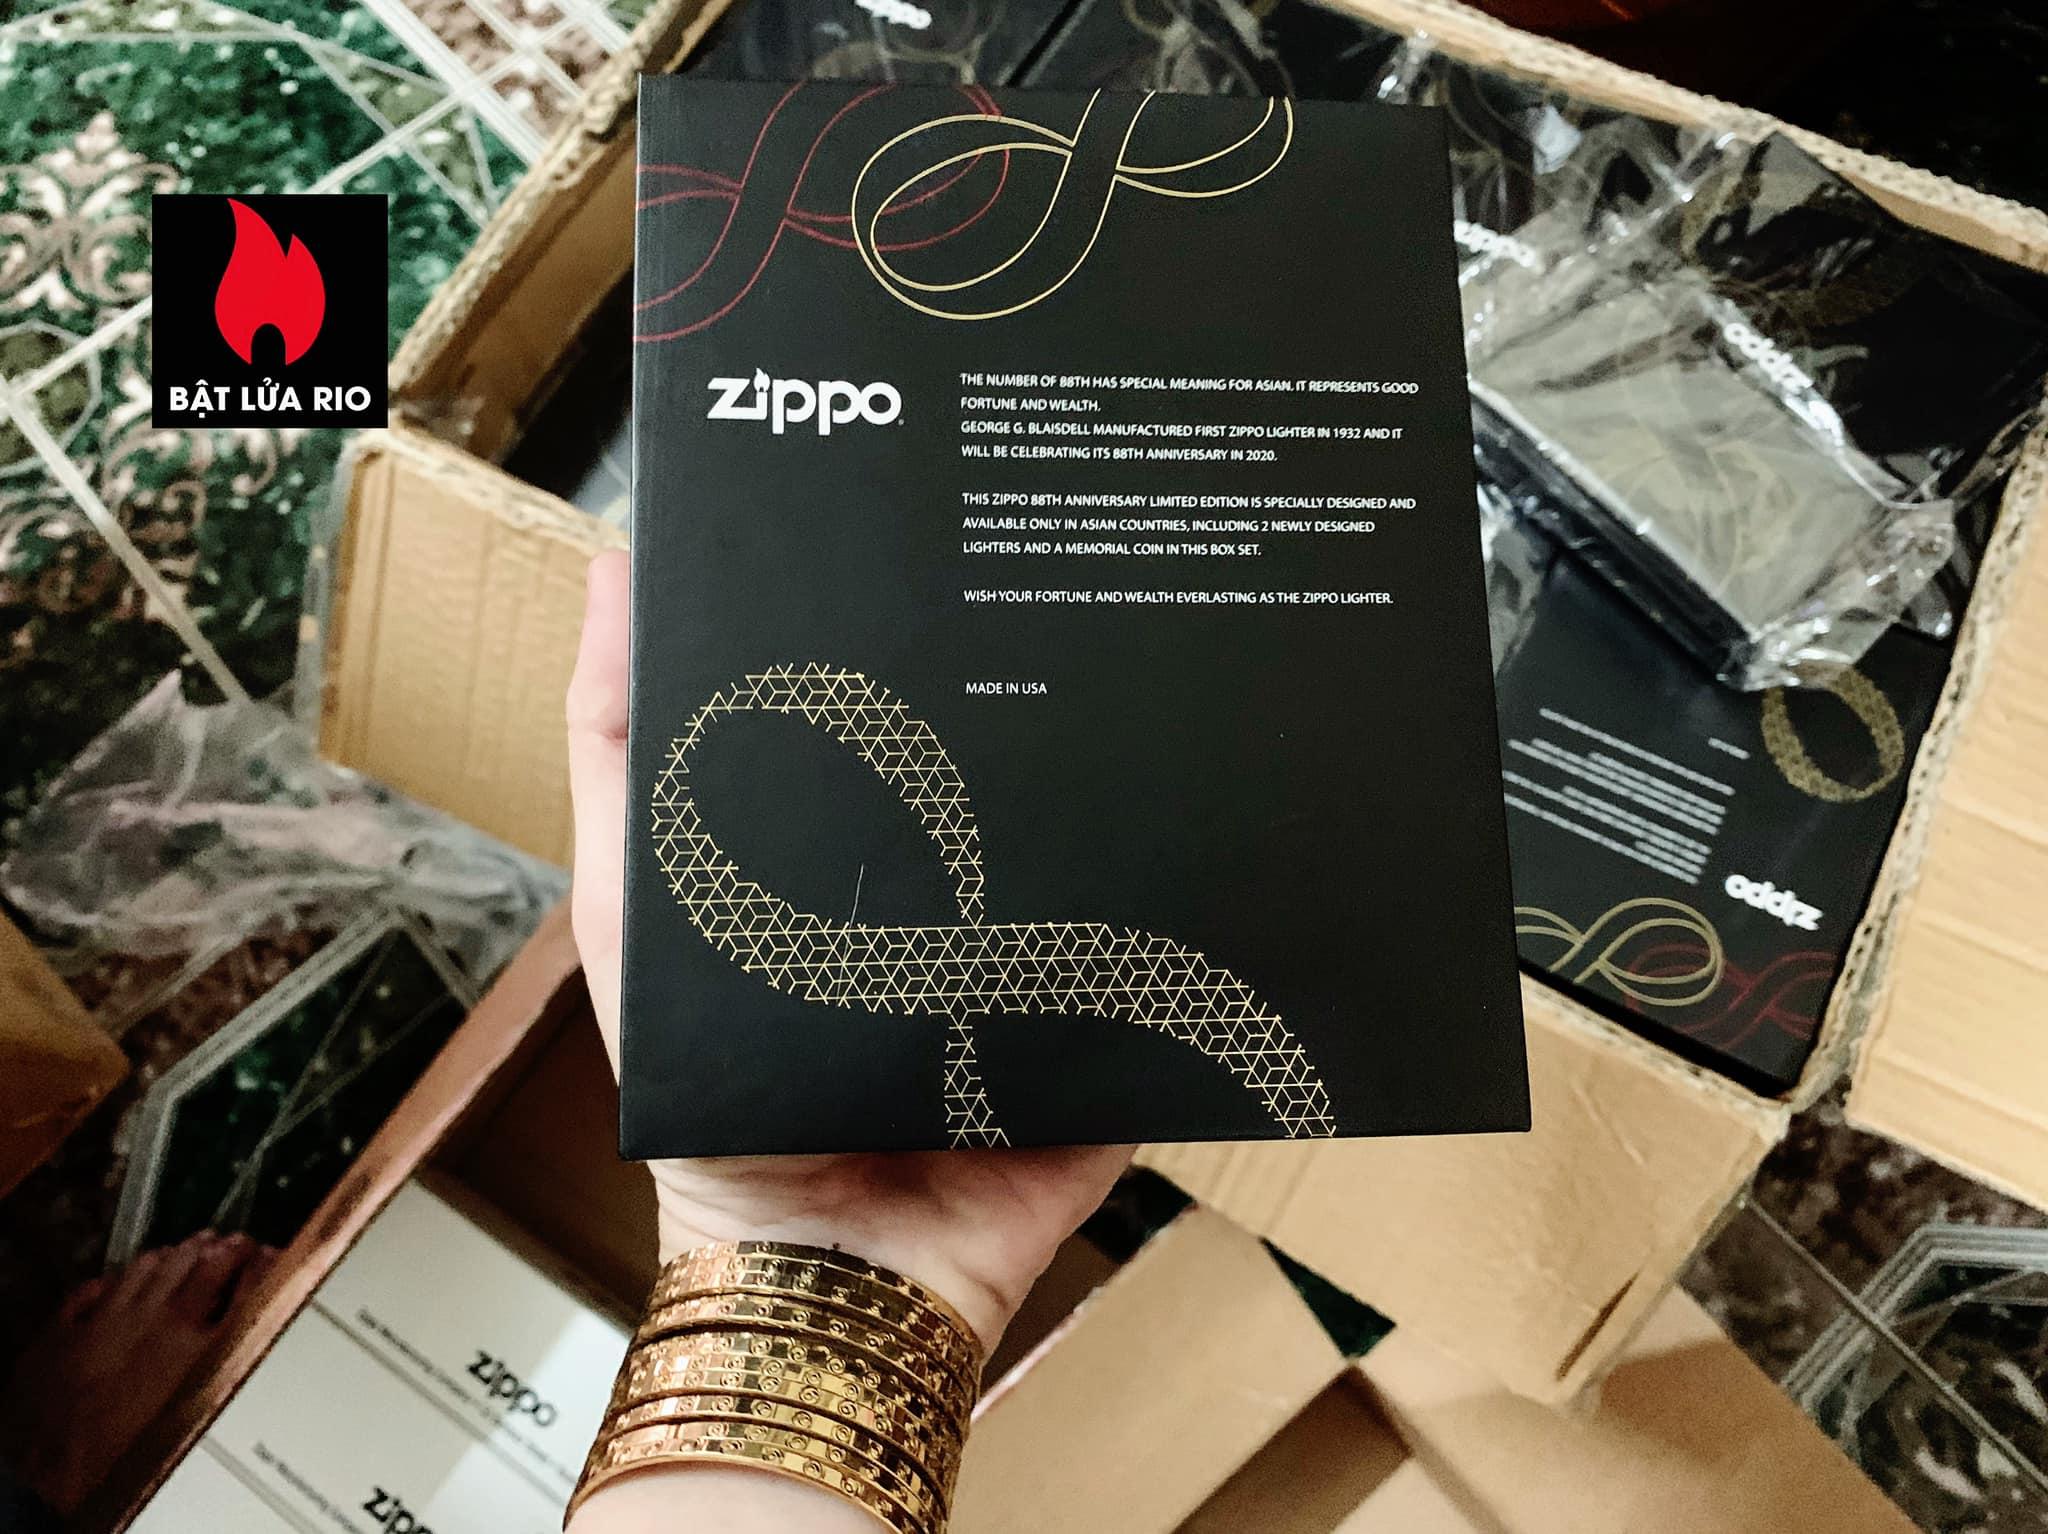 Zippo Edition Box Set 88Th Anniversary Asia Limited - Zippo Phiên Bản Giới Hạn Kỷ Niệm 88 Năm Ra Đời Bật Lửa Zippo - Zippo ZA-2-147C 42